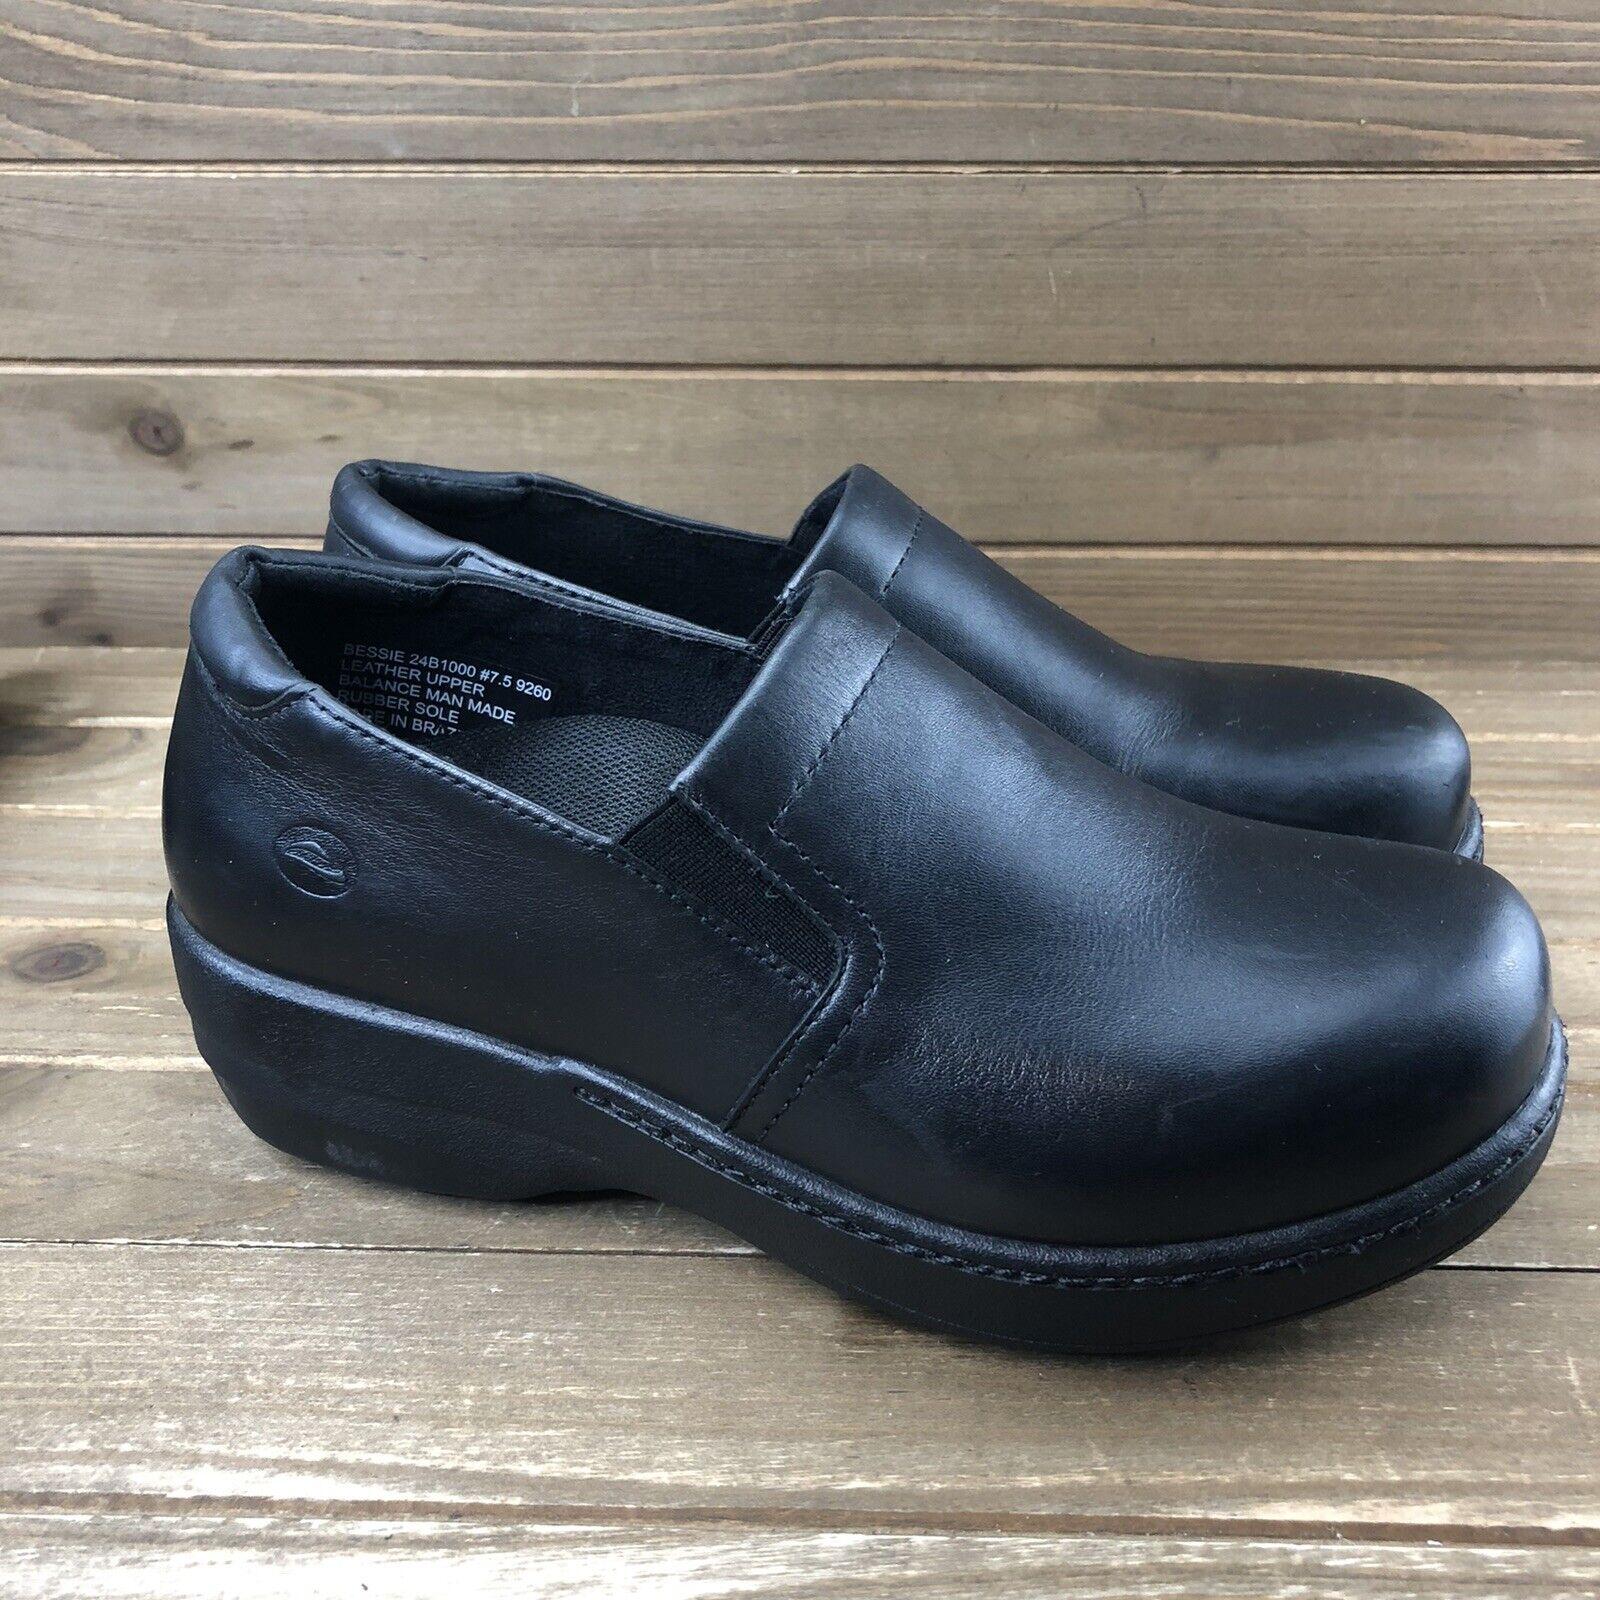 Abeo Bessie SureGrip Black Leather Comfort Nursing Clogs Women Sz 7.5